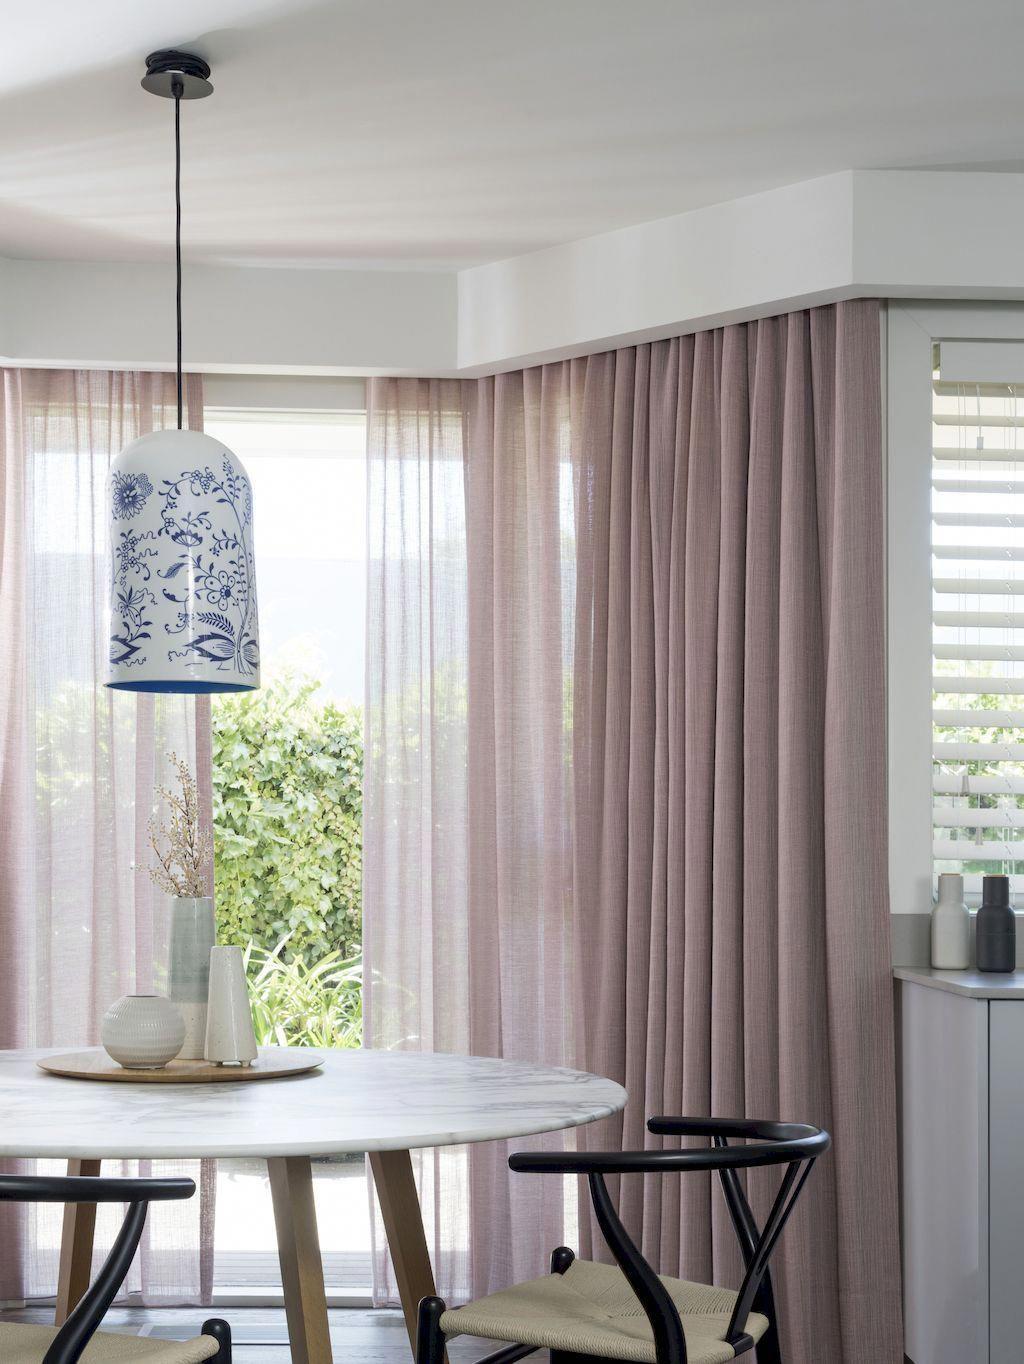 Livingroomdecorcurtains Curtains Living Room Modern Living Room Decor Curtains Sheers Curtains Living Room